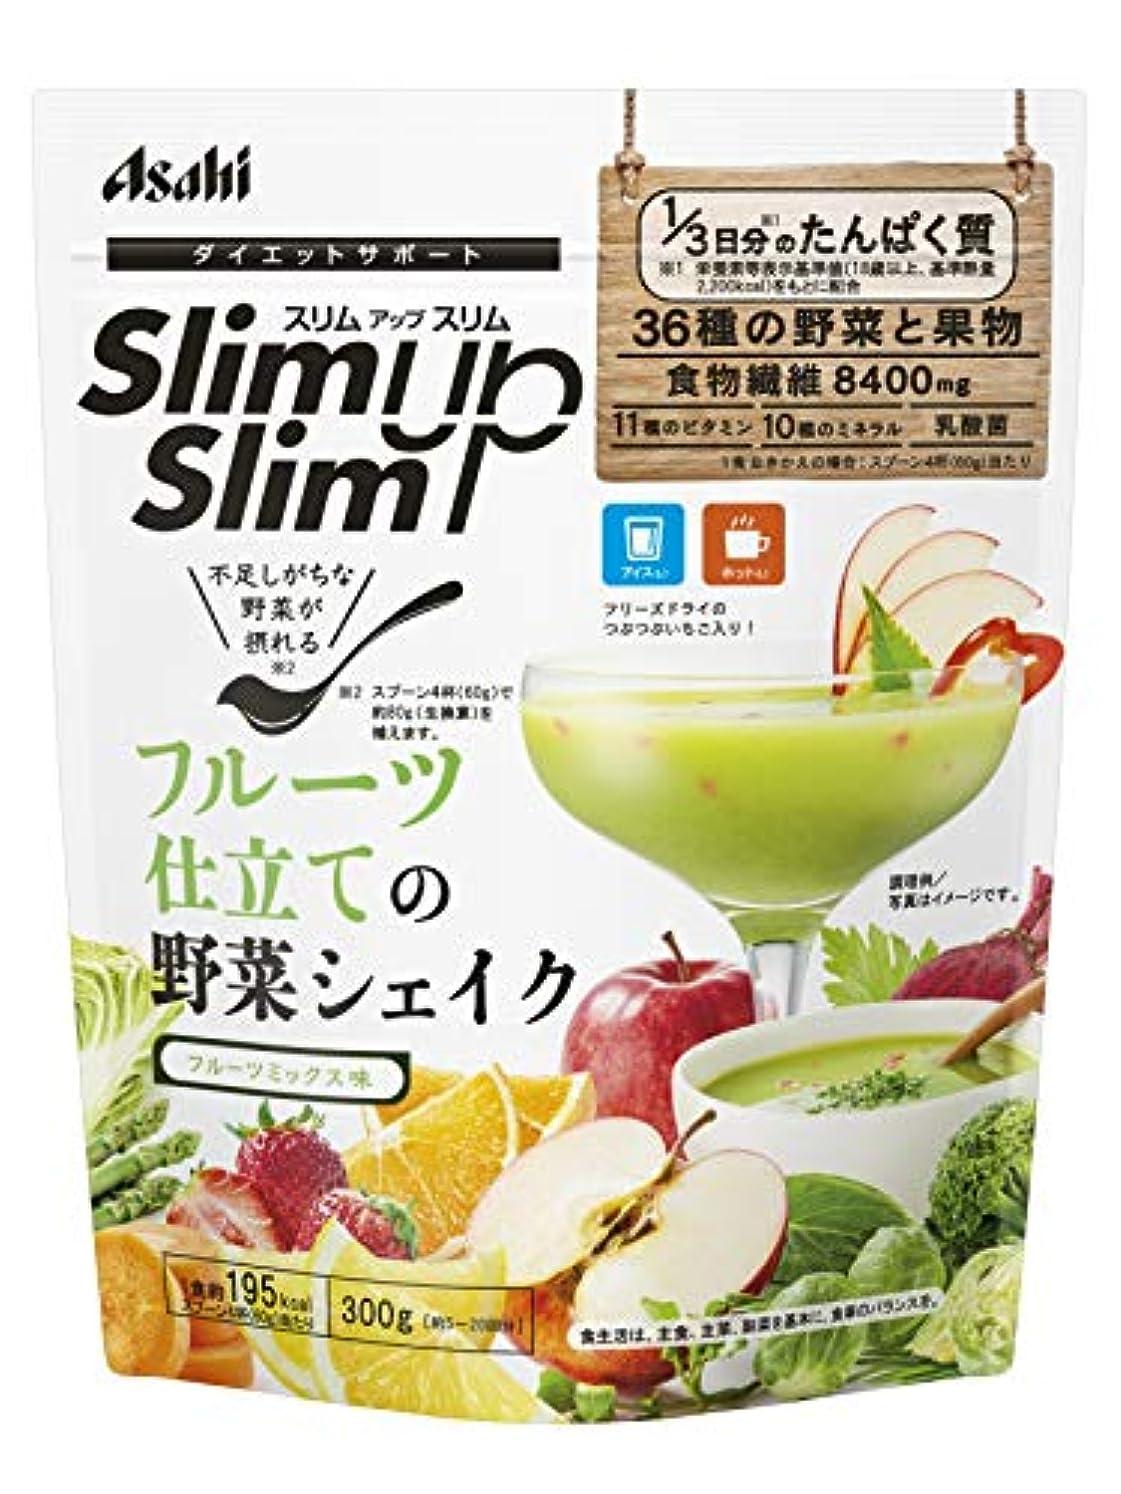 経済的バランスのとれた中でスリムアップスリム フルーツ仕立ての野菜シェイク フルーツミックス味 300g